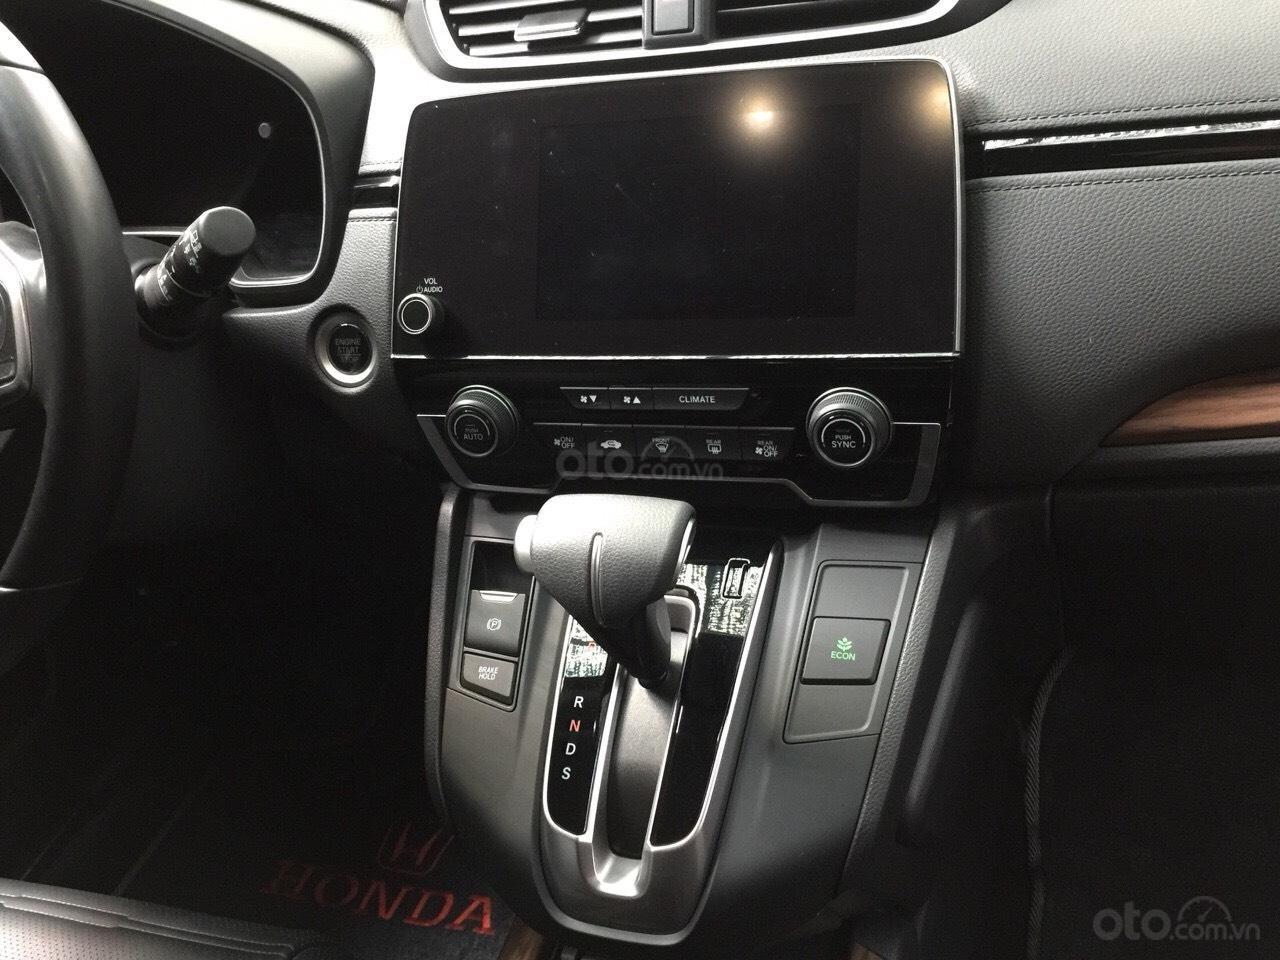 Bán Honda CR-V 1.5G 2018 màu đỏ mận xe đẹp không lỗi đi đúng 11.000km, cam kết chất lượng bao kiểm tra hãng-4